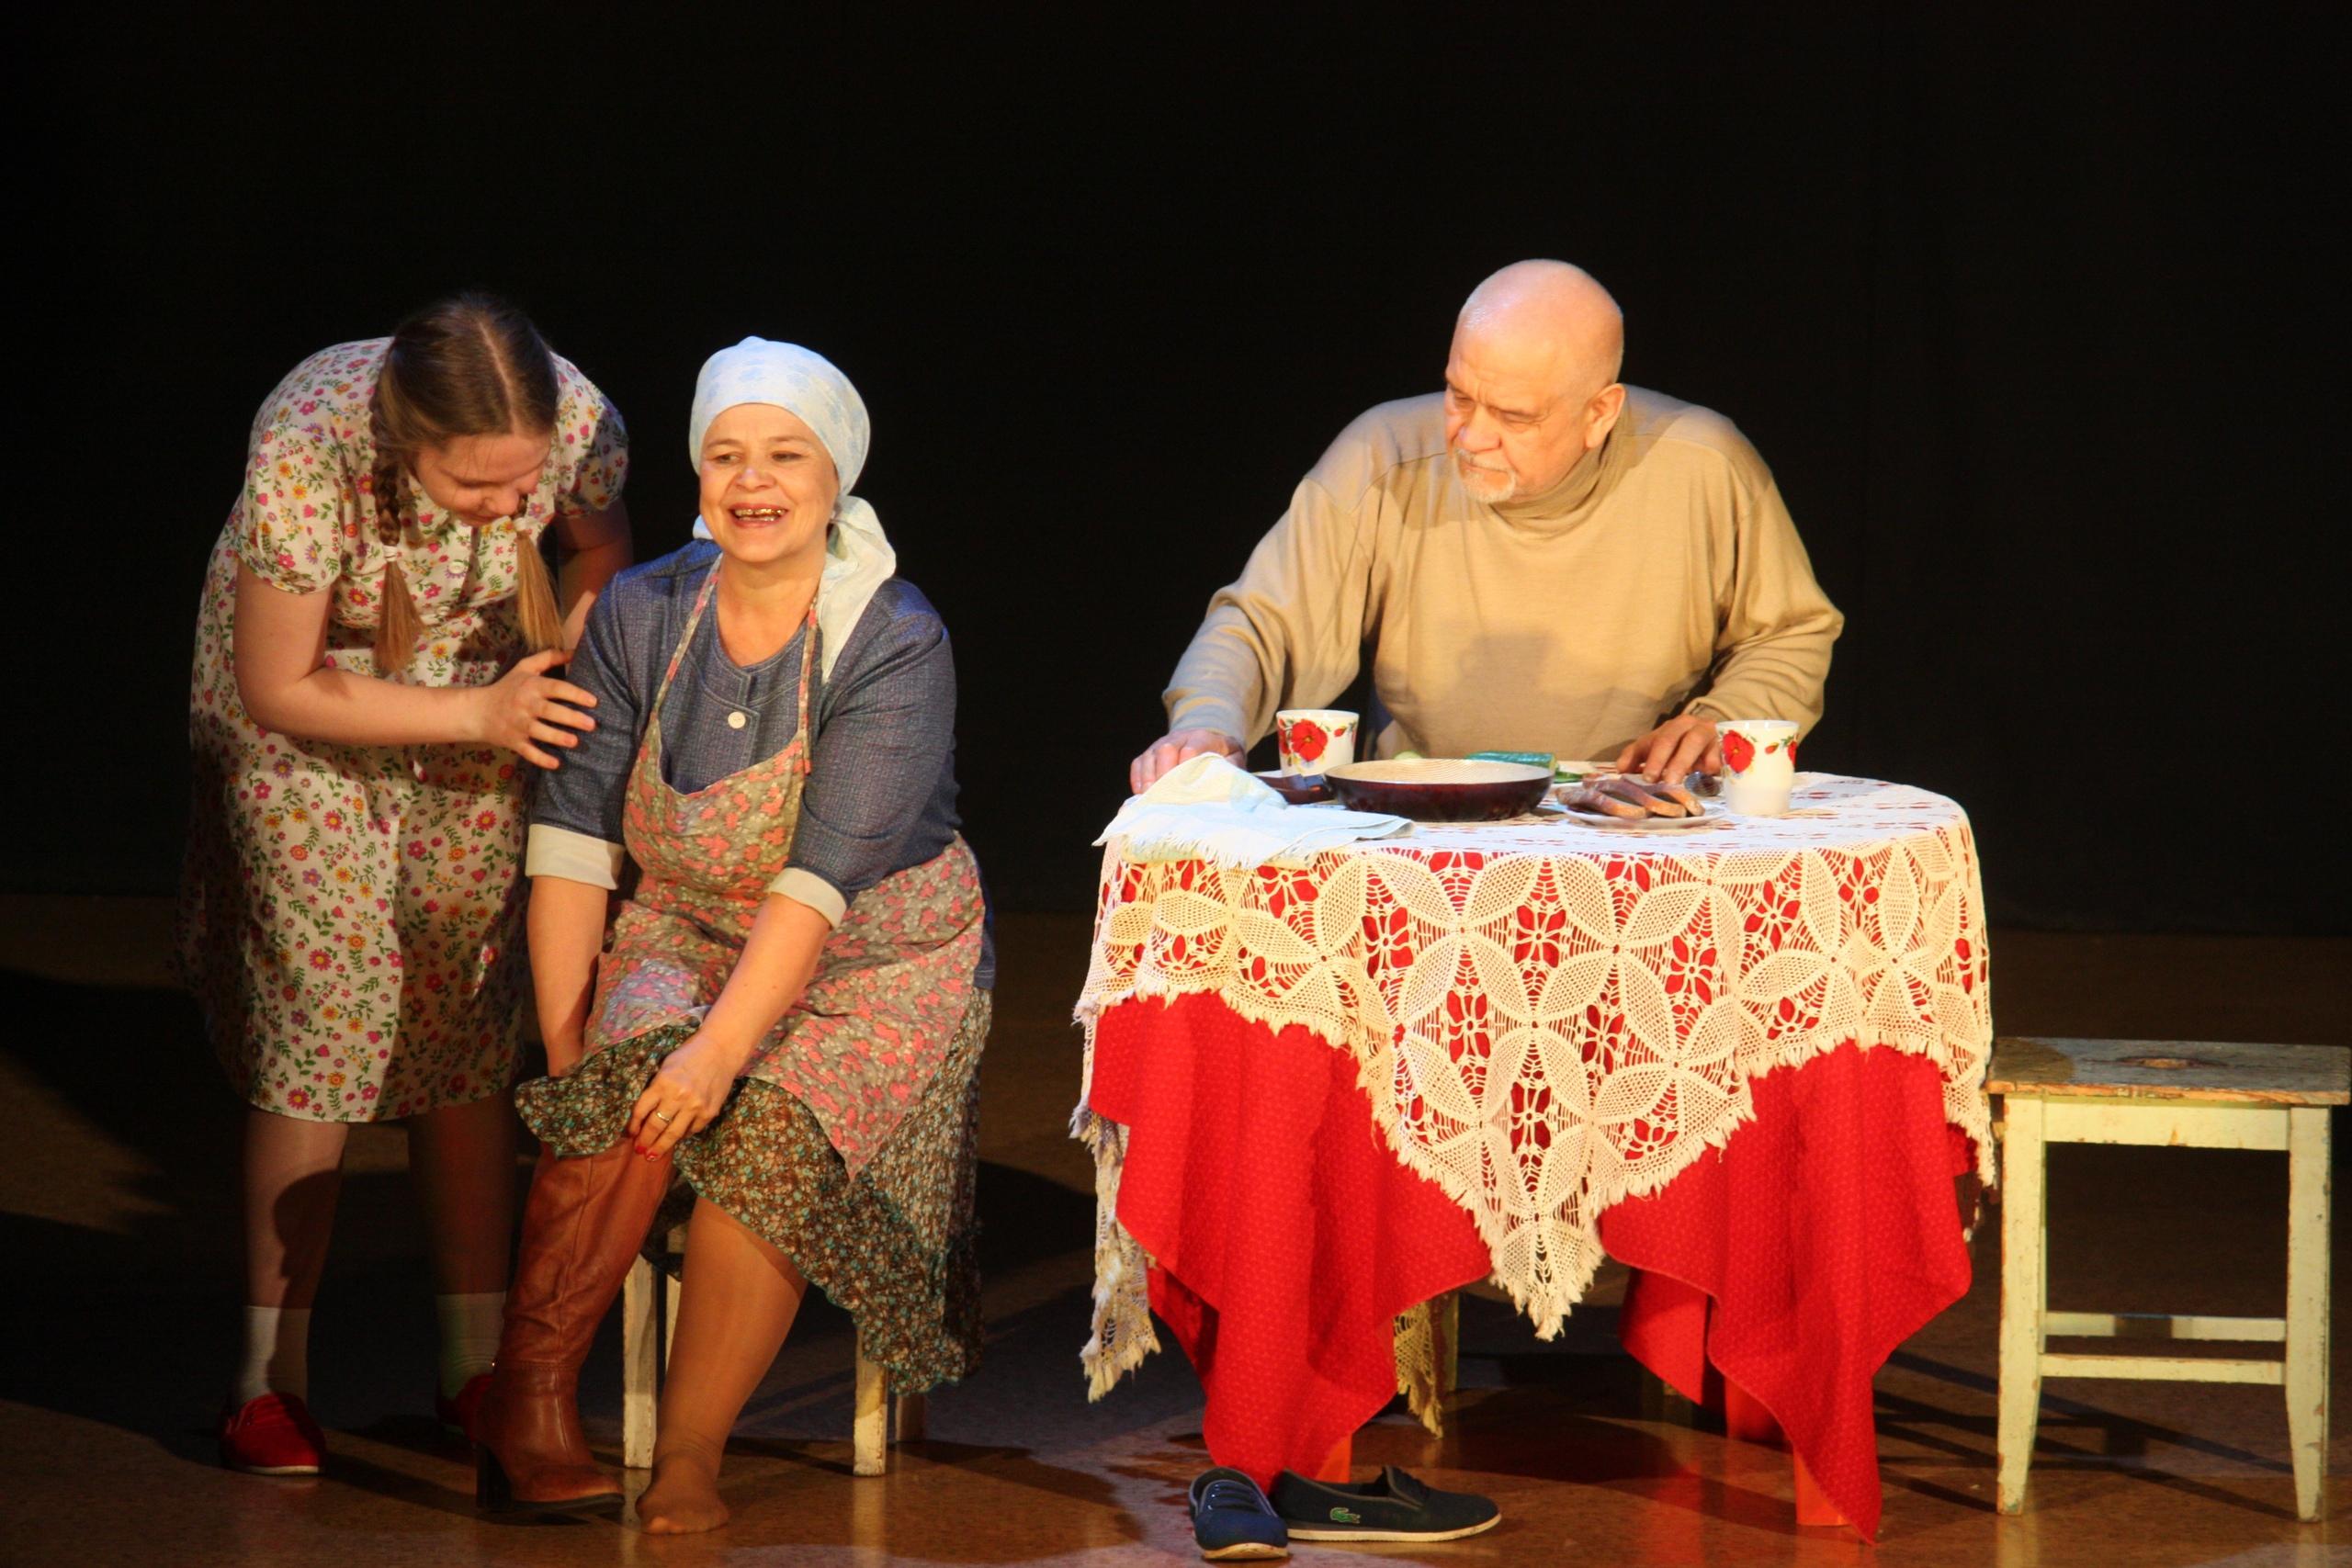 Краевой фестиваль любительских театральных коллективов прошел на очерской земле, откуда берет начало театральное искусство Прикамья.